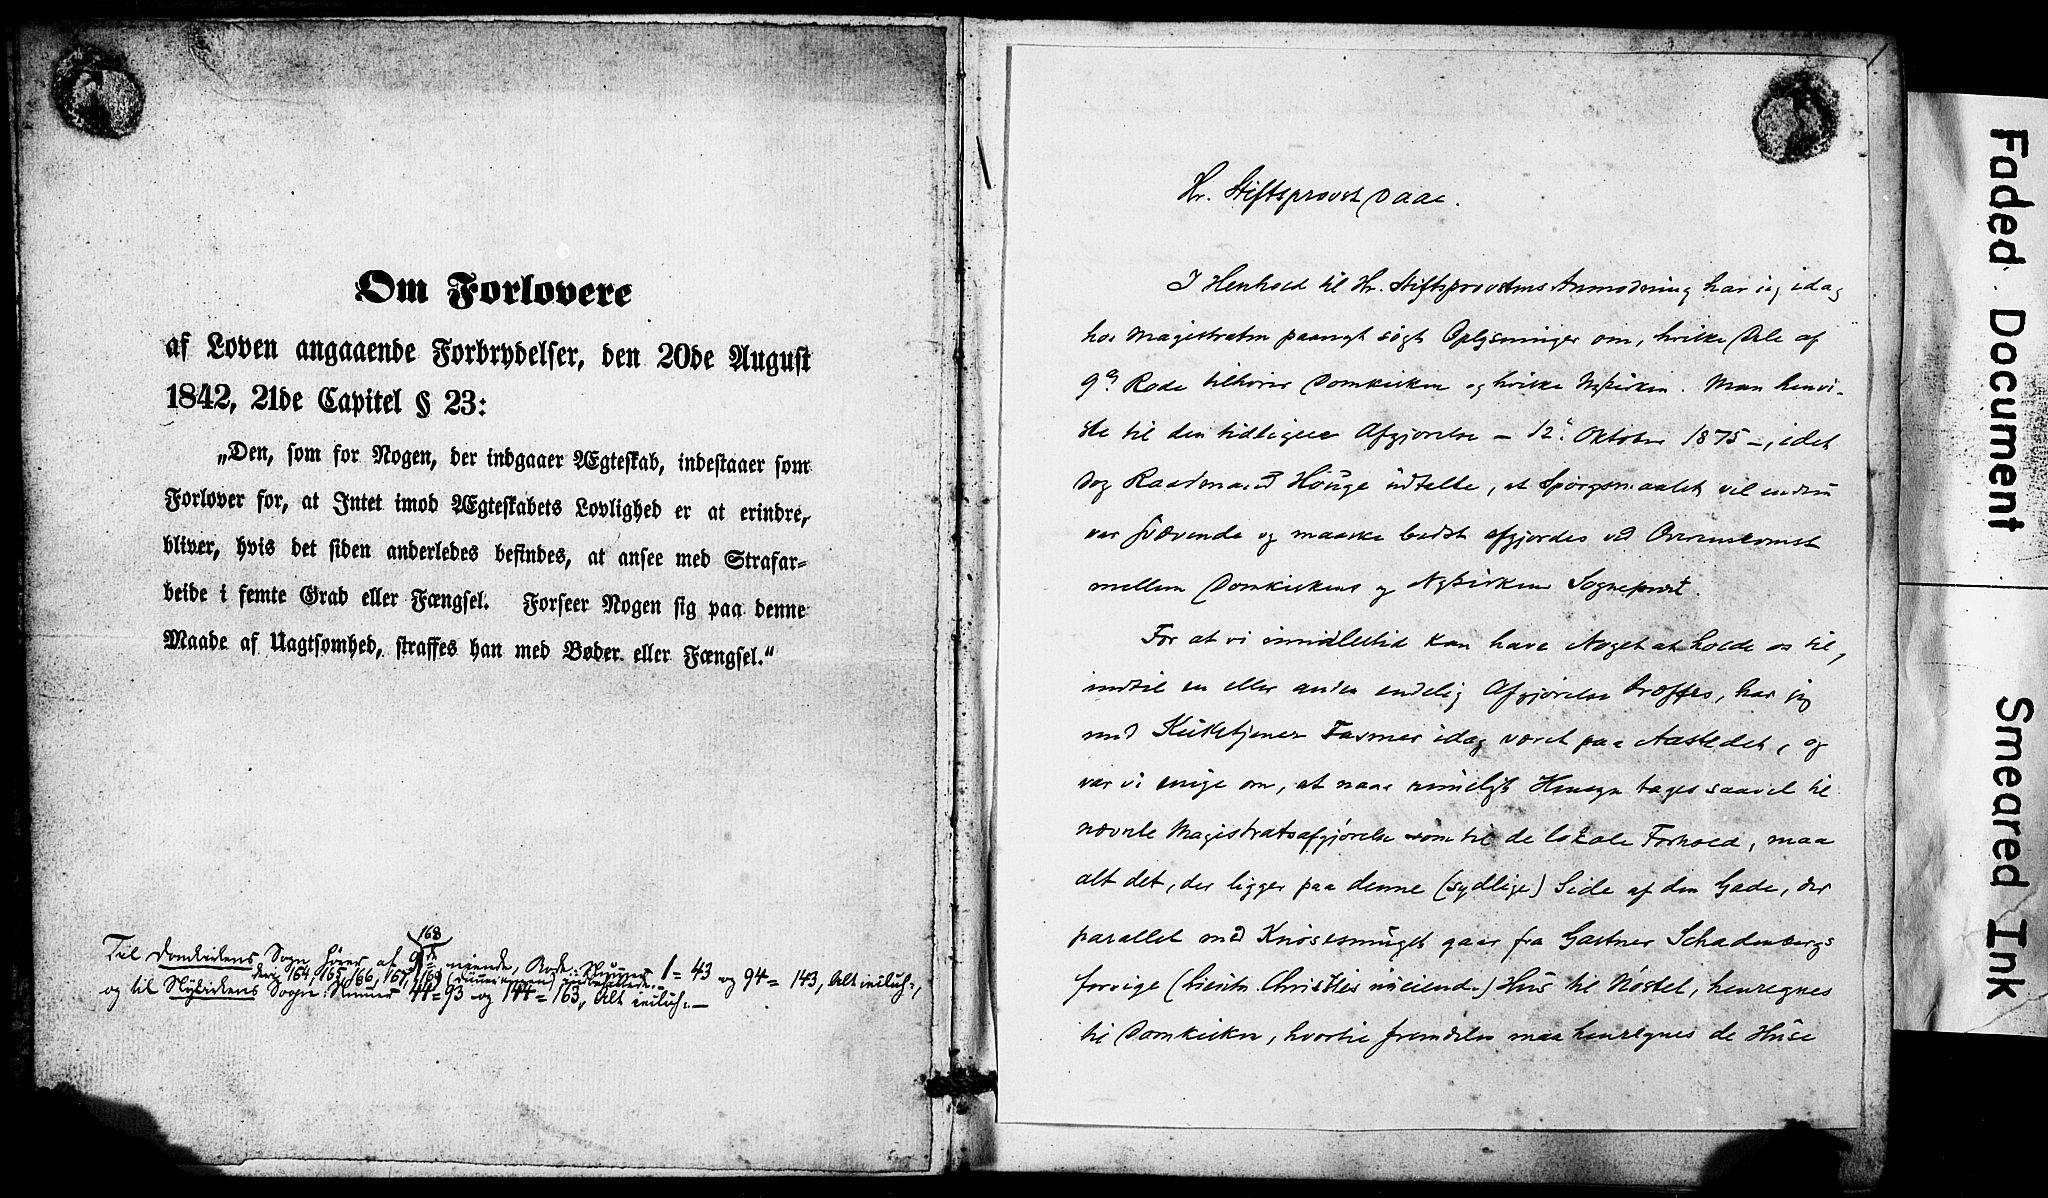 SAB, Domkirken Sokneprestembete, Forlovererklæringer nr. II.5.6, 1863-1870, s. 1